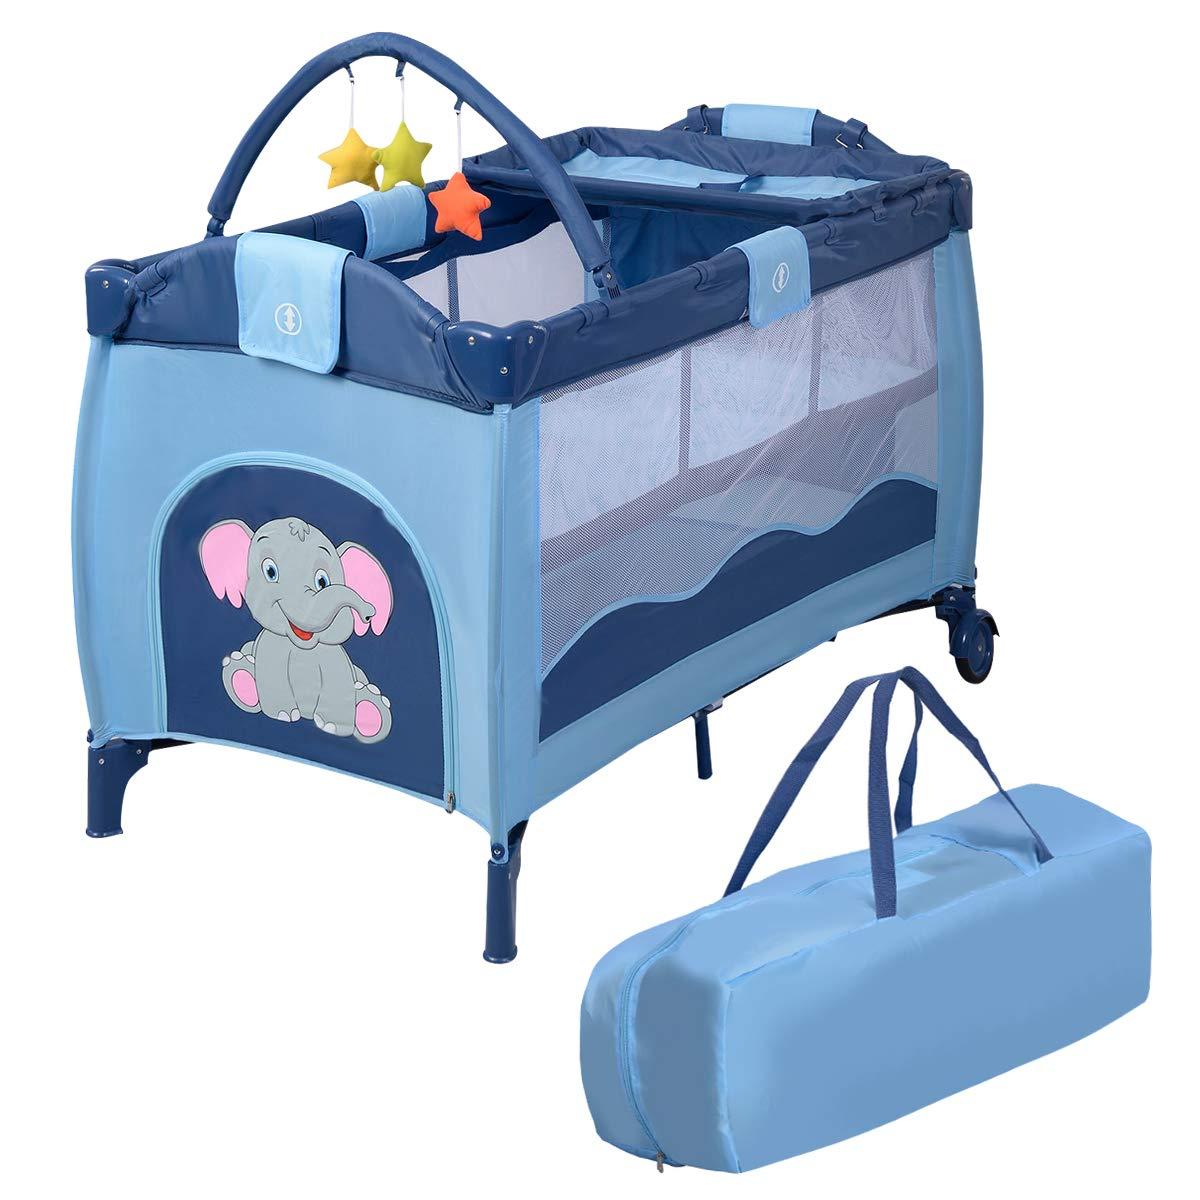 COSTWAY Reisebett klappbar   Babyreisebett Farbwahl   Kinderreisebett mit Rollen   Babybett   Kinderbett Inkl. Spielbogen Tragetasche Wickelauflage (Blau)